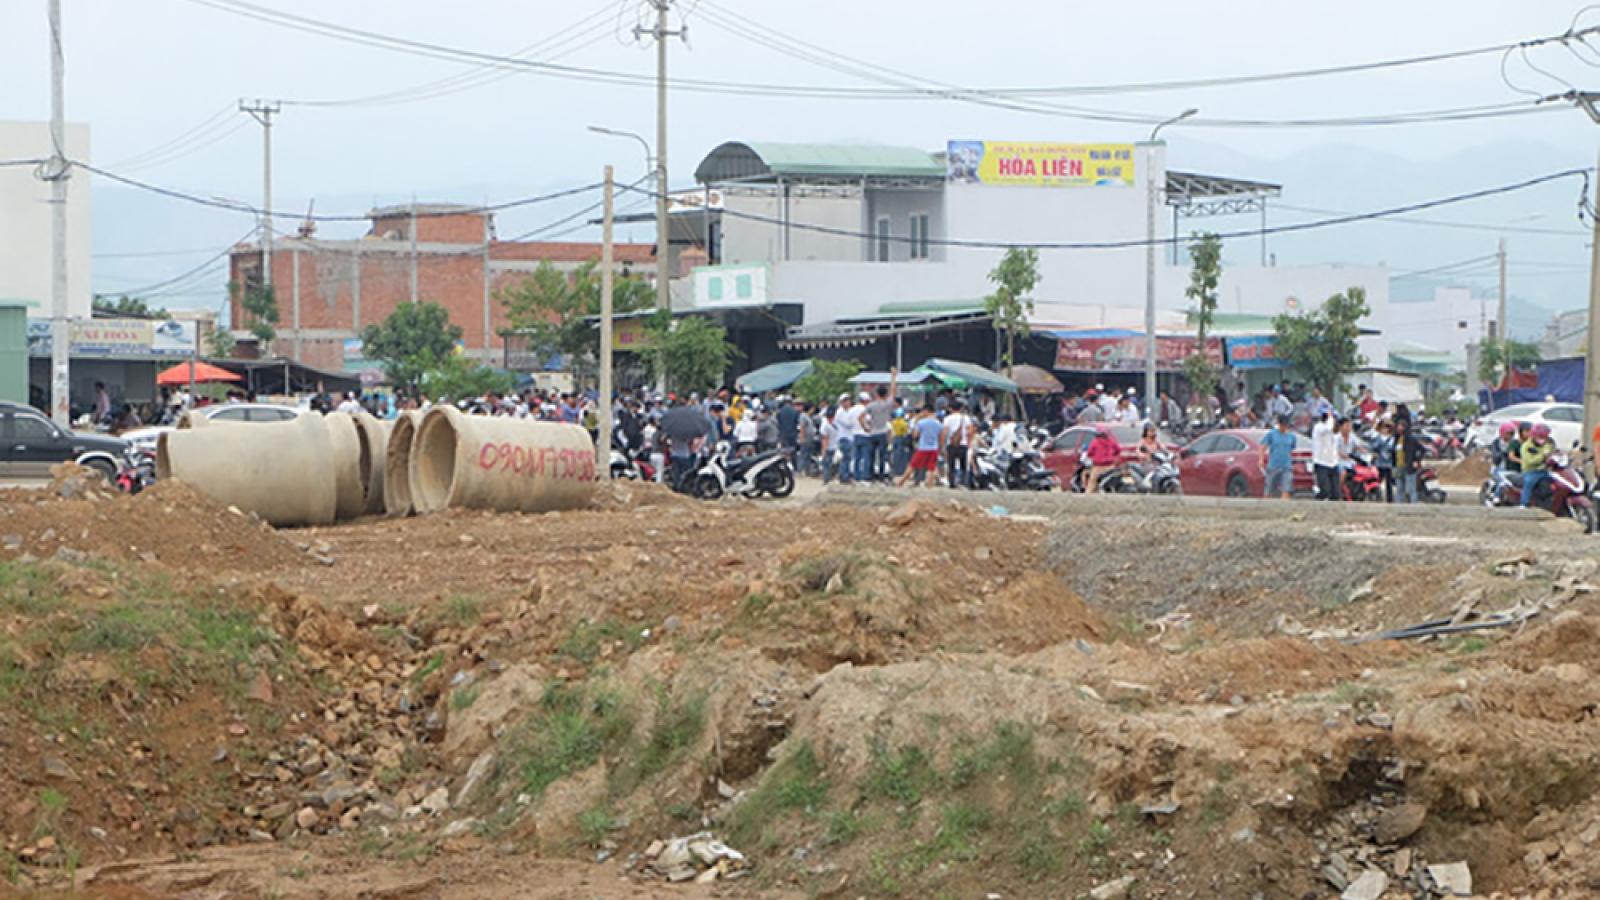 Truy tố 3 cựu lãnh đạo doanh nghiệp nhà nước ở Đà Nẵng